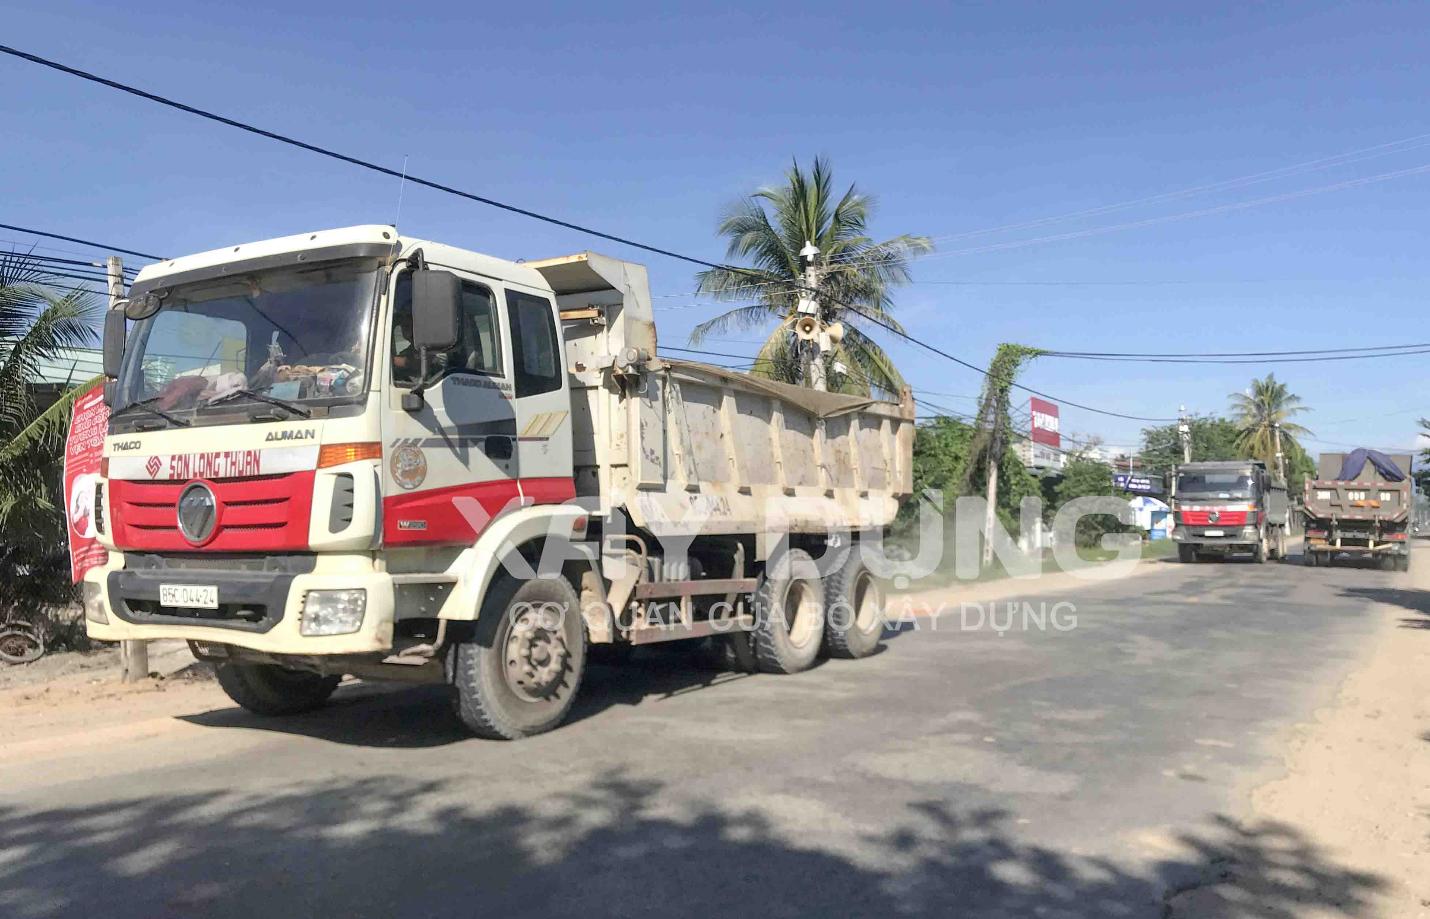 """Ninh Thuận: Làm sao giải quyết dứt điểm tình trạng xe bồn, xe chở vật liệu xây dựng đang """"tung hoành""""?"""